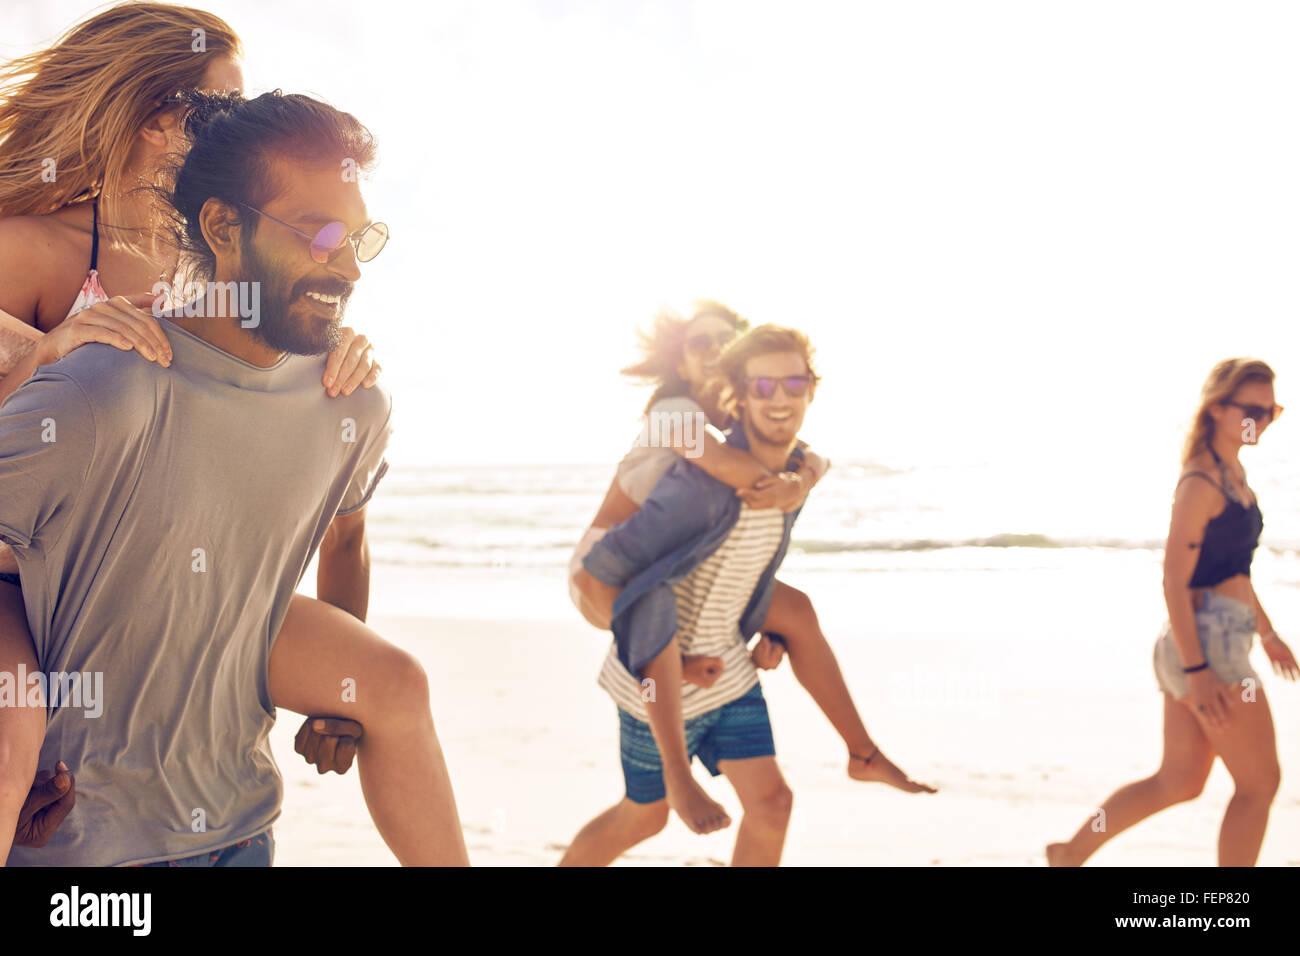 Groupe d'amis s'amuser sur la plage, les jeunes hommes sur le dos des femmes sur le bord de la mer. Mixed Photo Stock